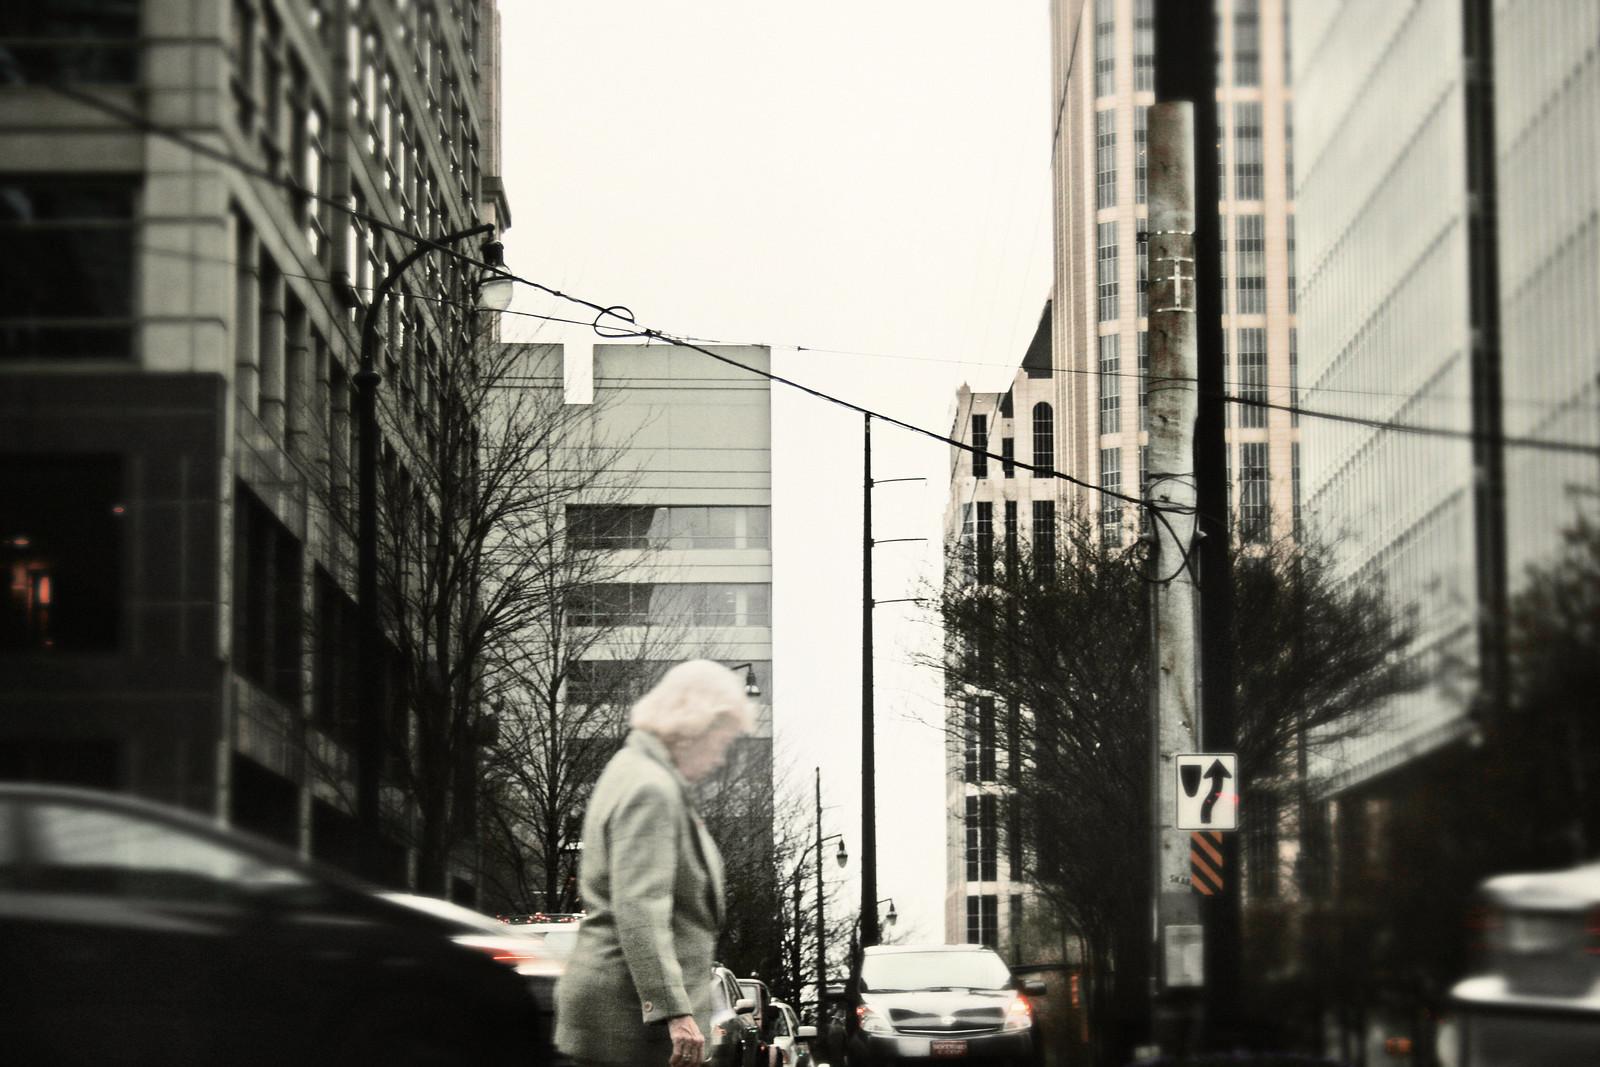 Woman Amid Cars, Dec, 2012